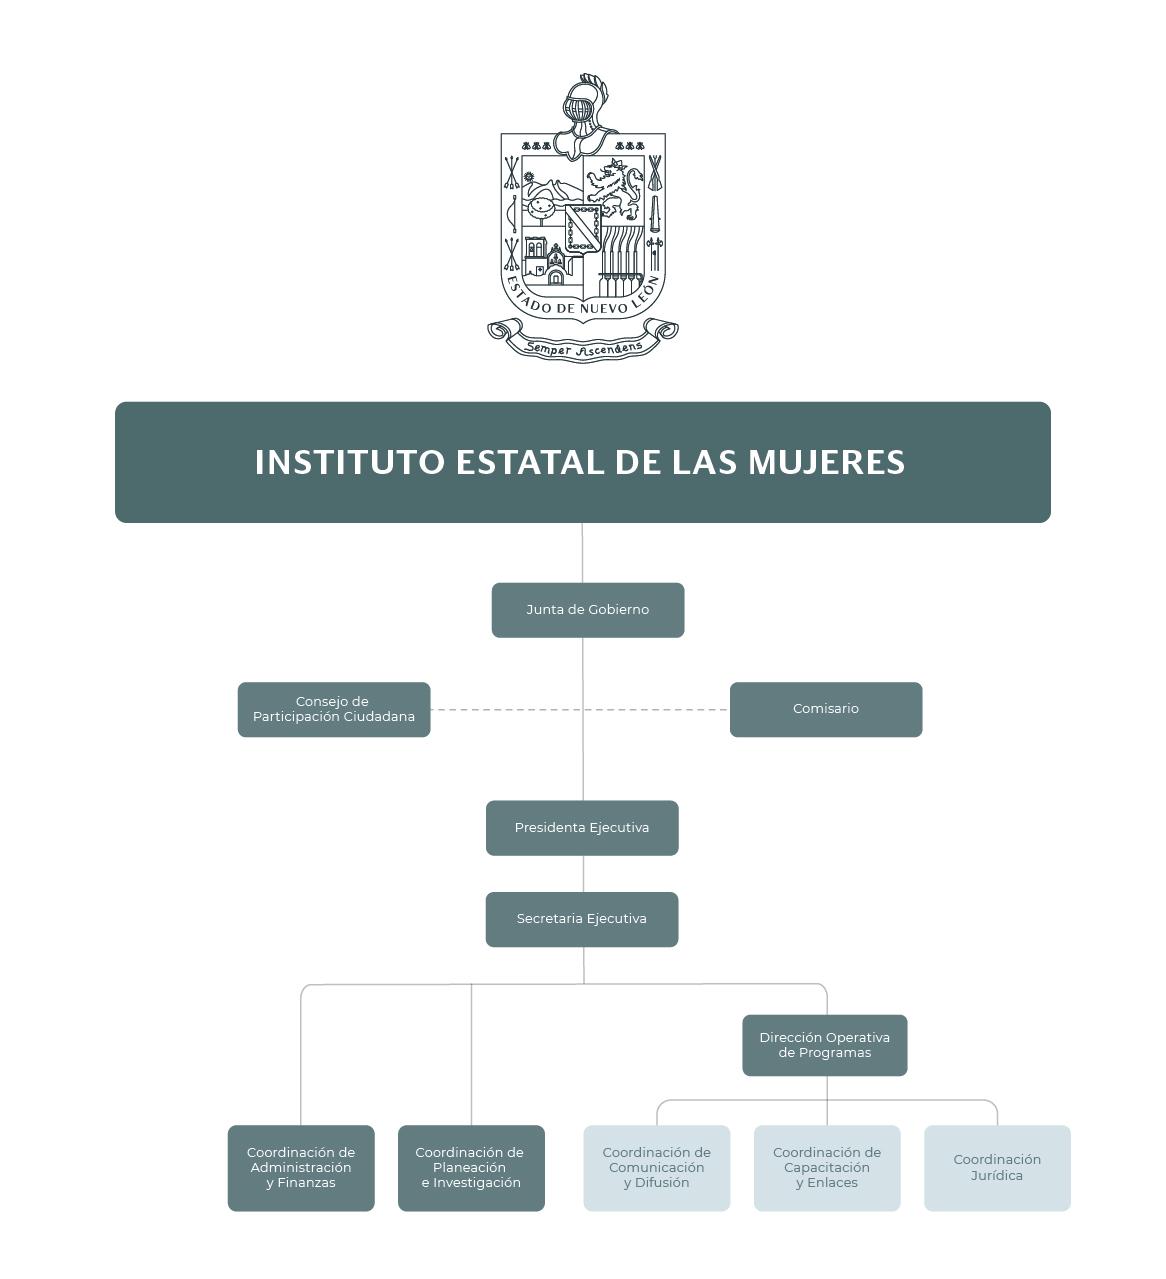 Organigrama del Instituto Estatal de las Mujeres